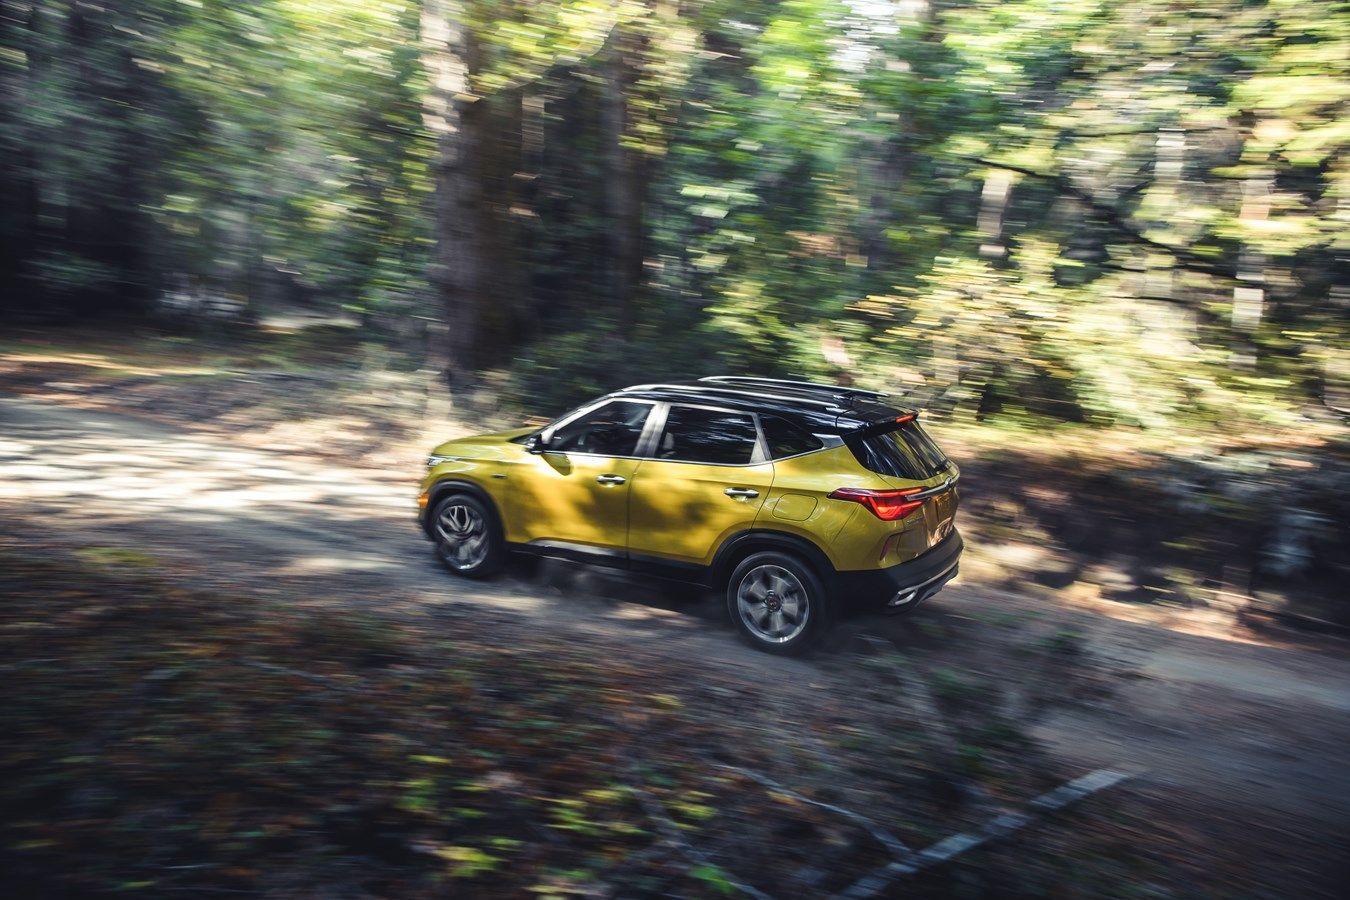 Kia deslumbra en Los Angeles con la presentación del SUV